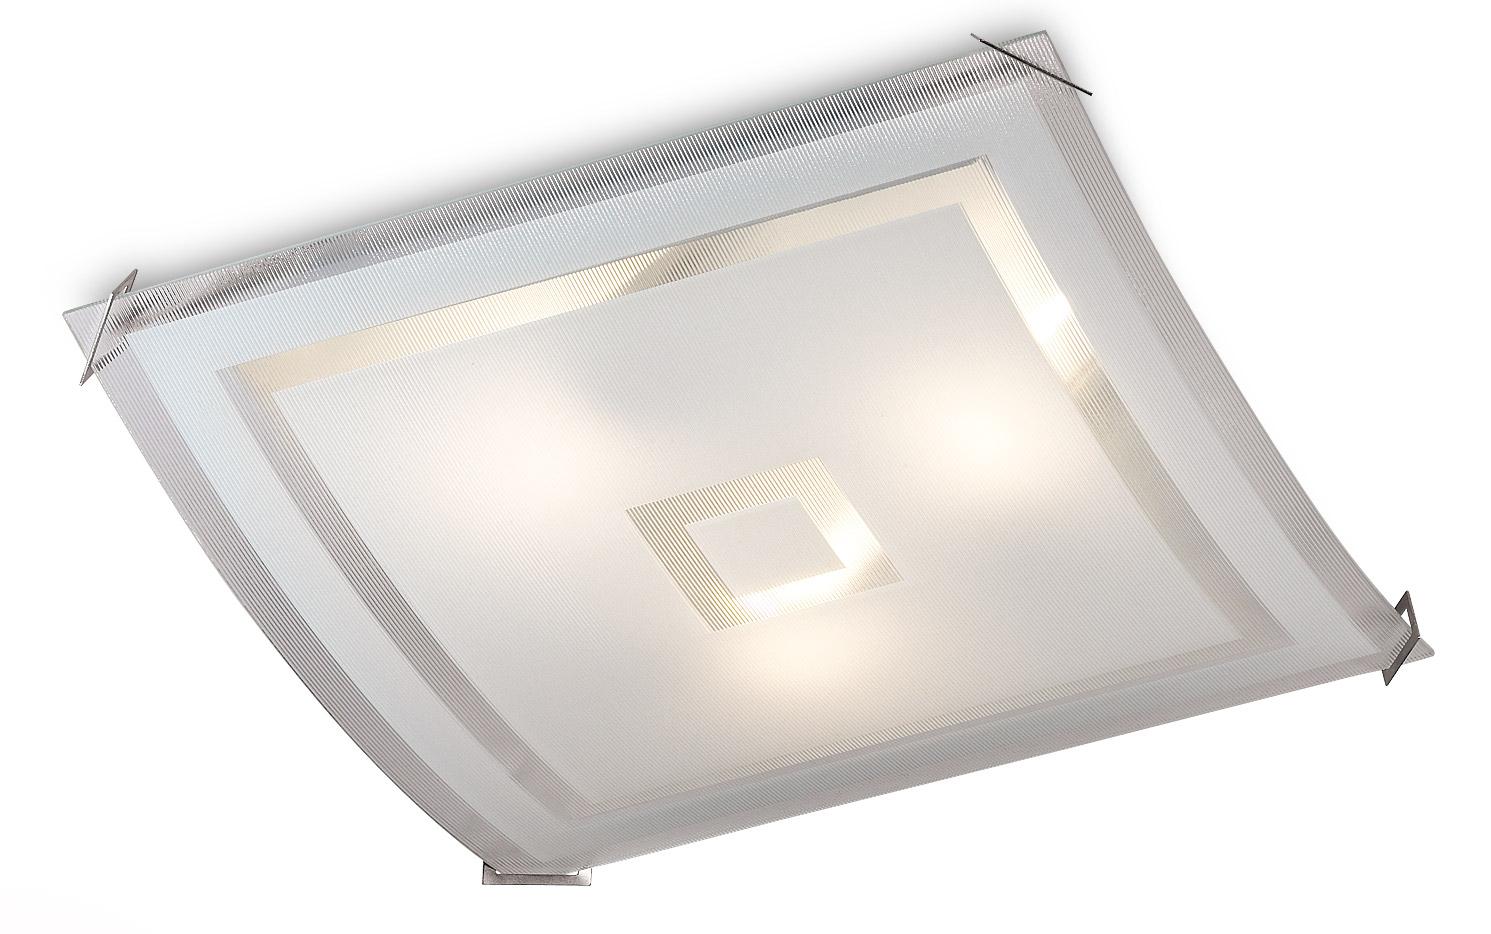 потолочный светильник сонекс 3227 fbr12 014 Светильник настенно-потолочный СОНЕКС 4120